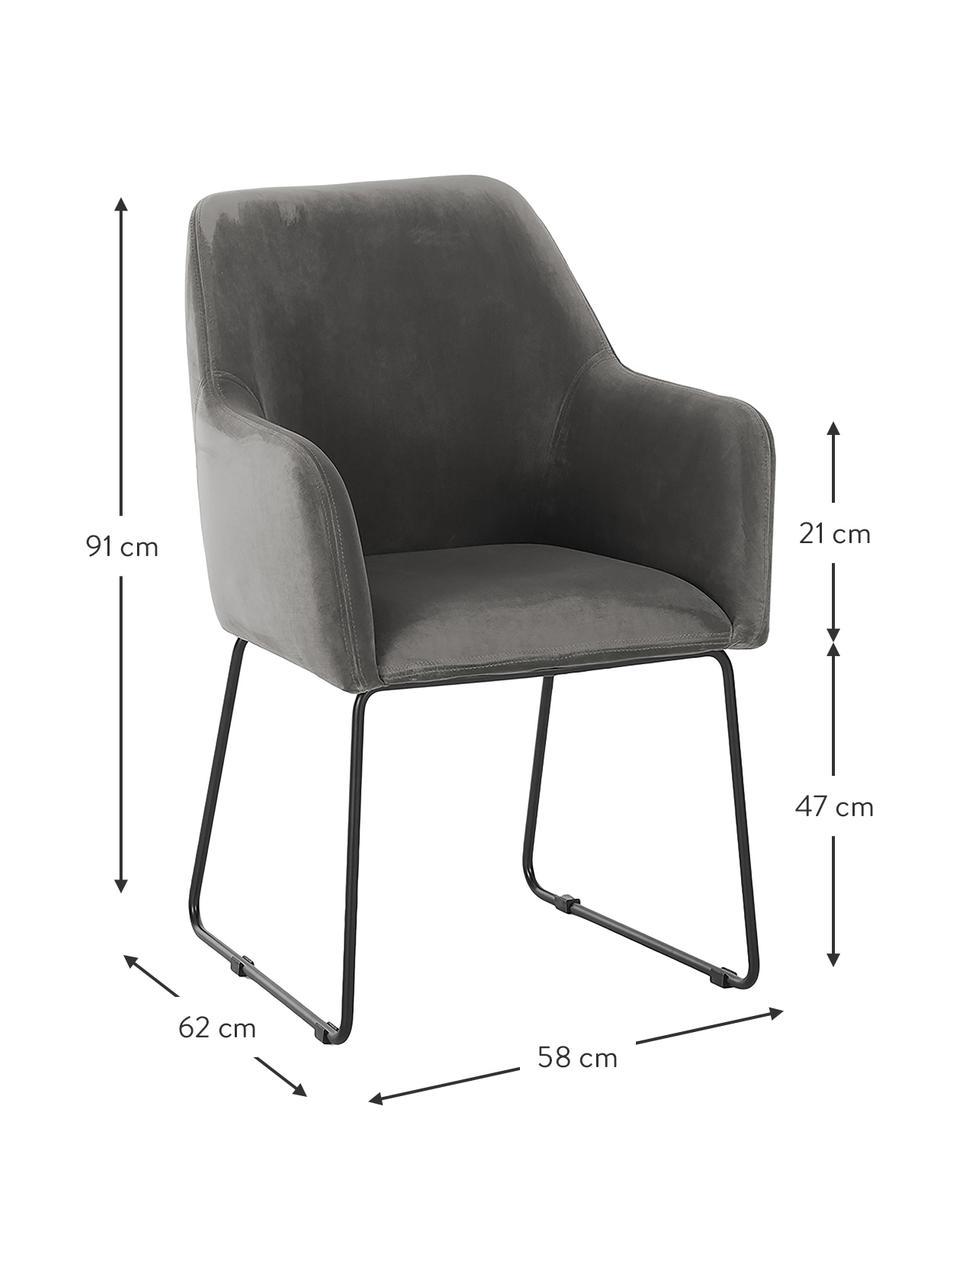 Fluwelen armleunstoel Isla, Bekleding: polyester, Poten: gepoedercoat metaal, Fluweel steengrijs, poten zwart, B 58 x D 62 cm